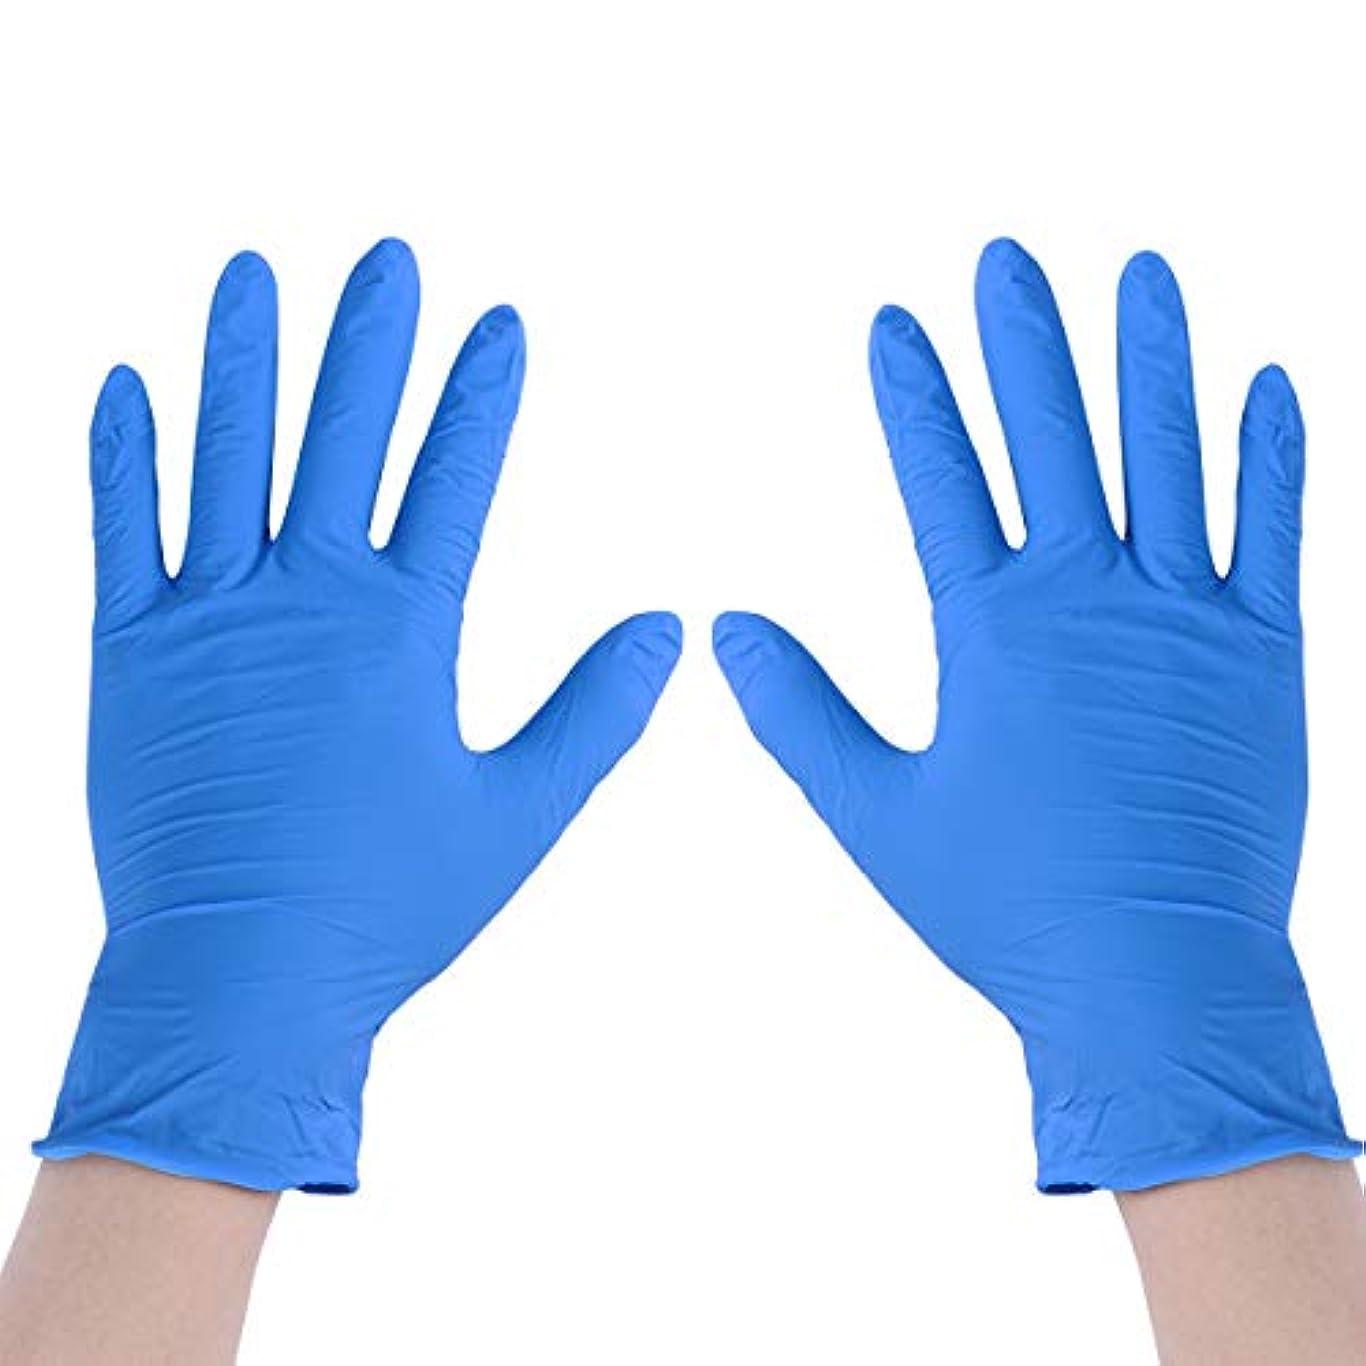 染料唇定数Frcolor 使い捨て手袋 ニトリル手袋 ビニール手袋 薄手 作業用 介護用 調理用 炊事用 園芸用 掃除用 9インチ Mサイズ 100枚入(ブルー)